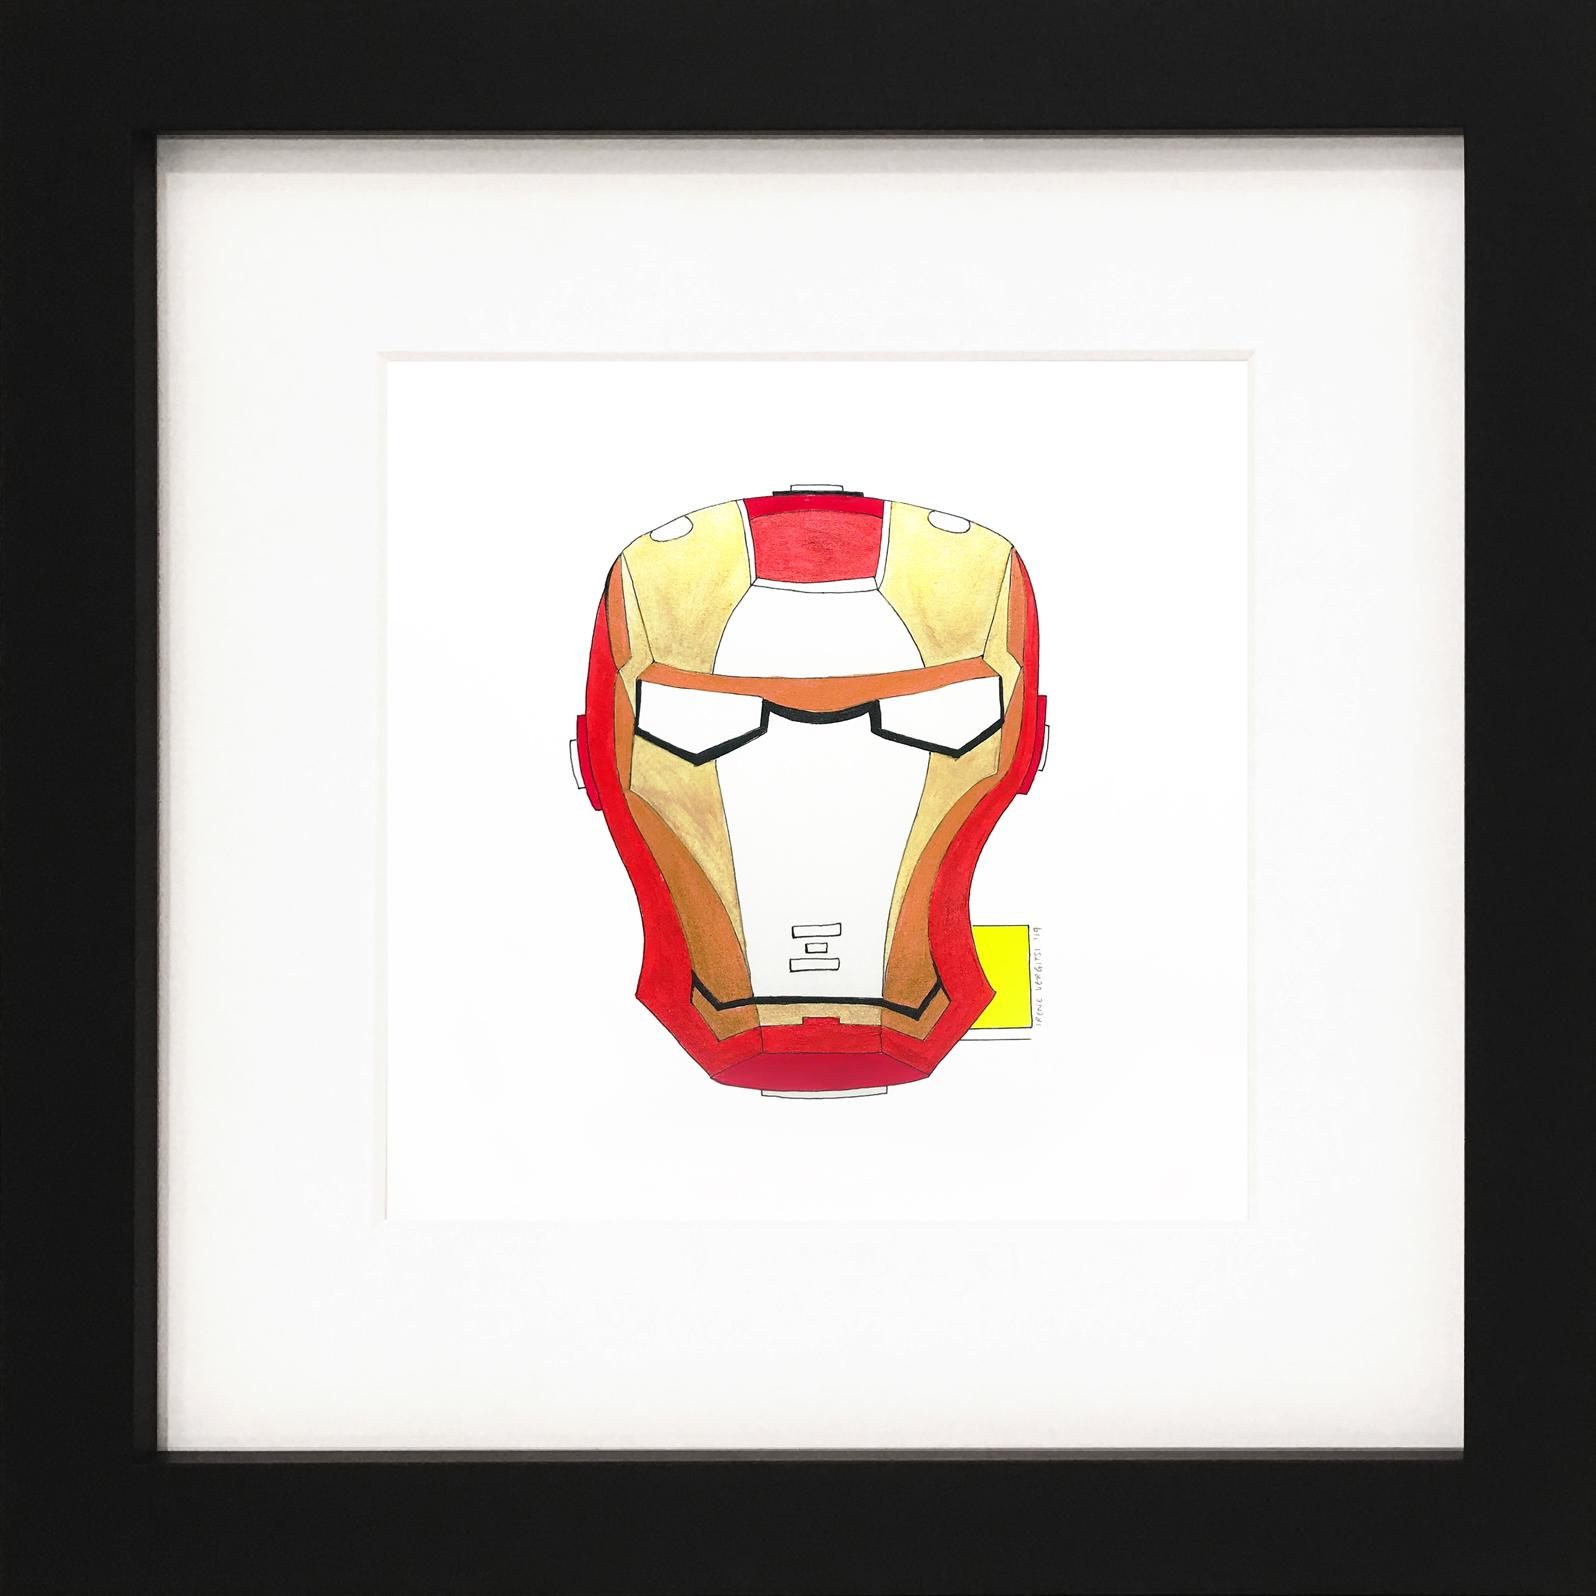 (Tony) 1 in frame